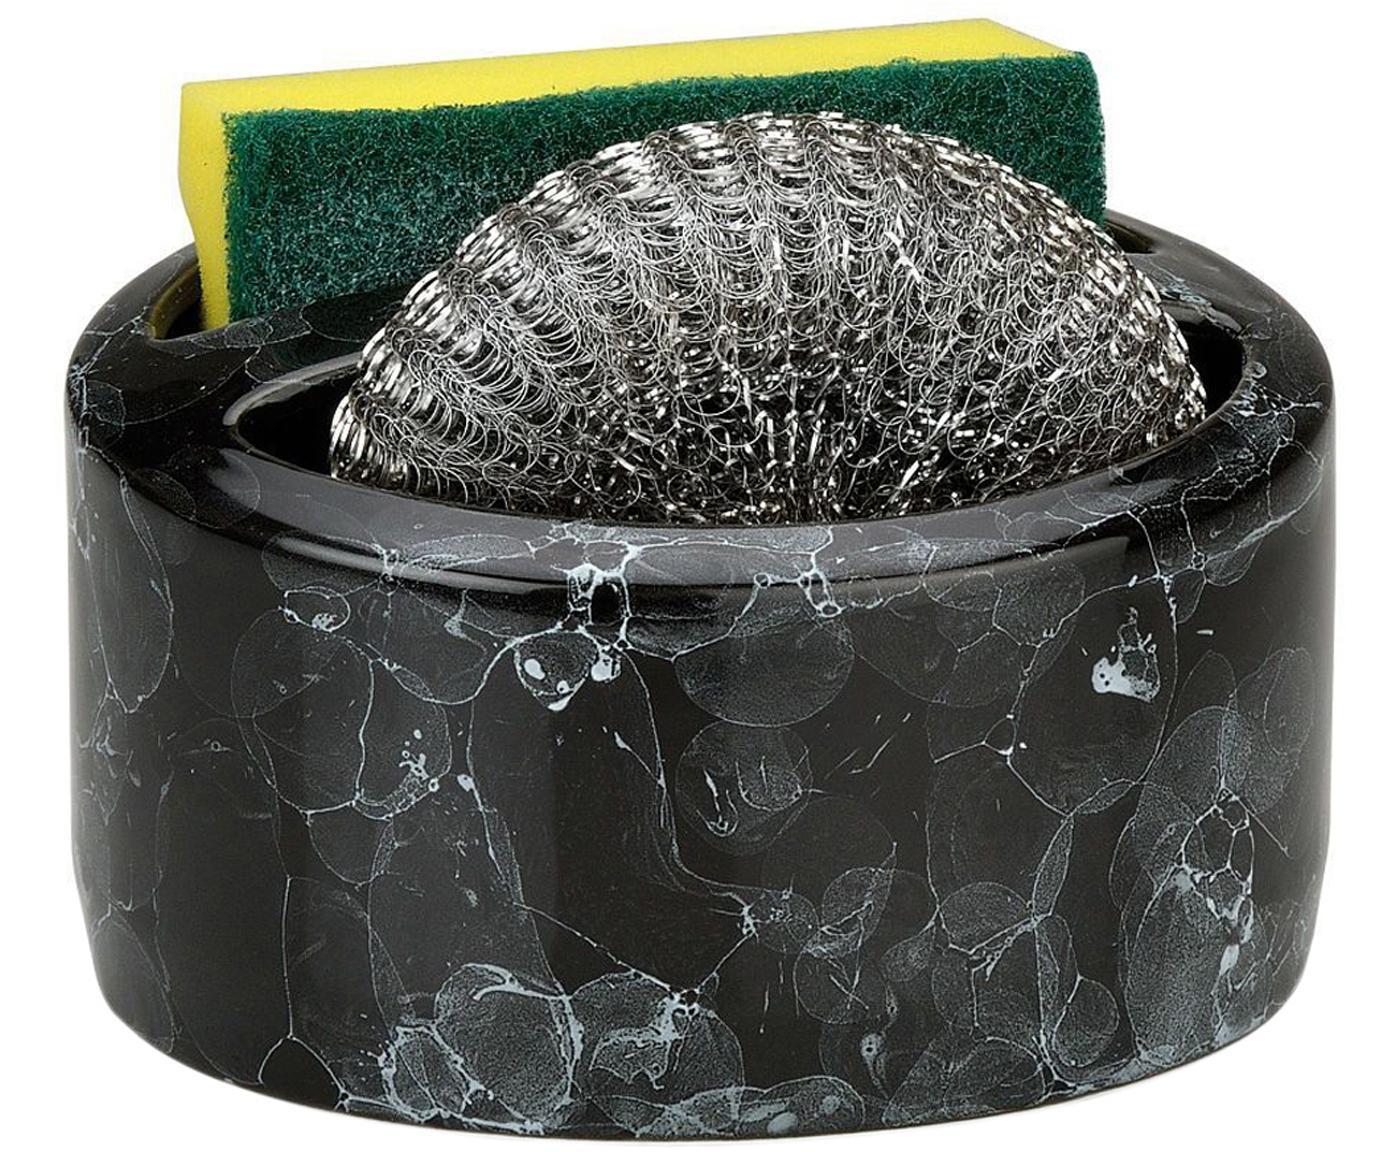 Uchwyt na gąbki z imitacji marmuru Bybble, 3 elem., Czarny, marmurowy, Ø 14 x W 11 cm